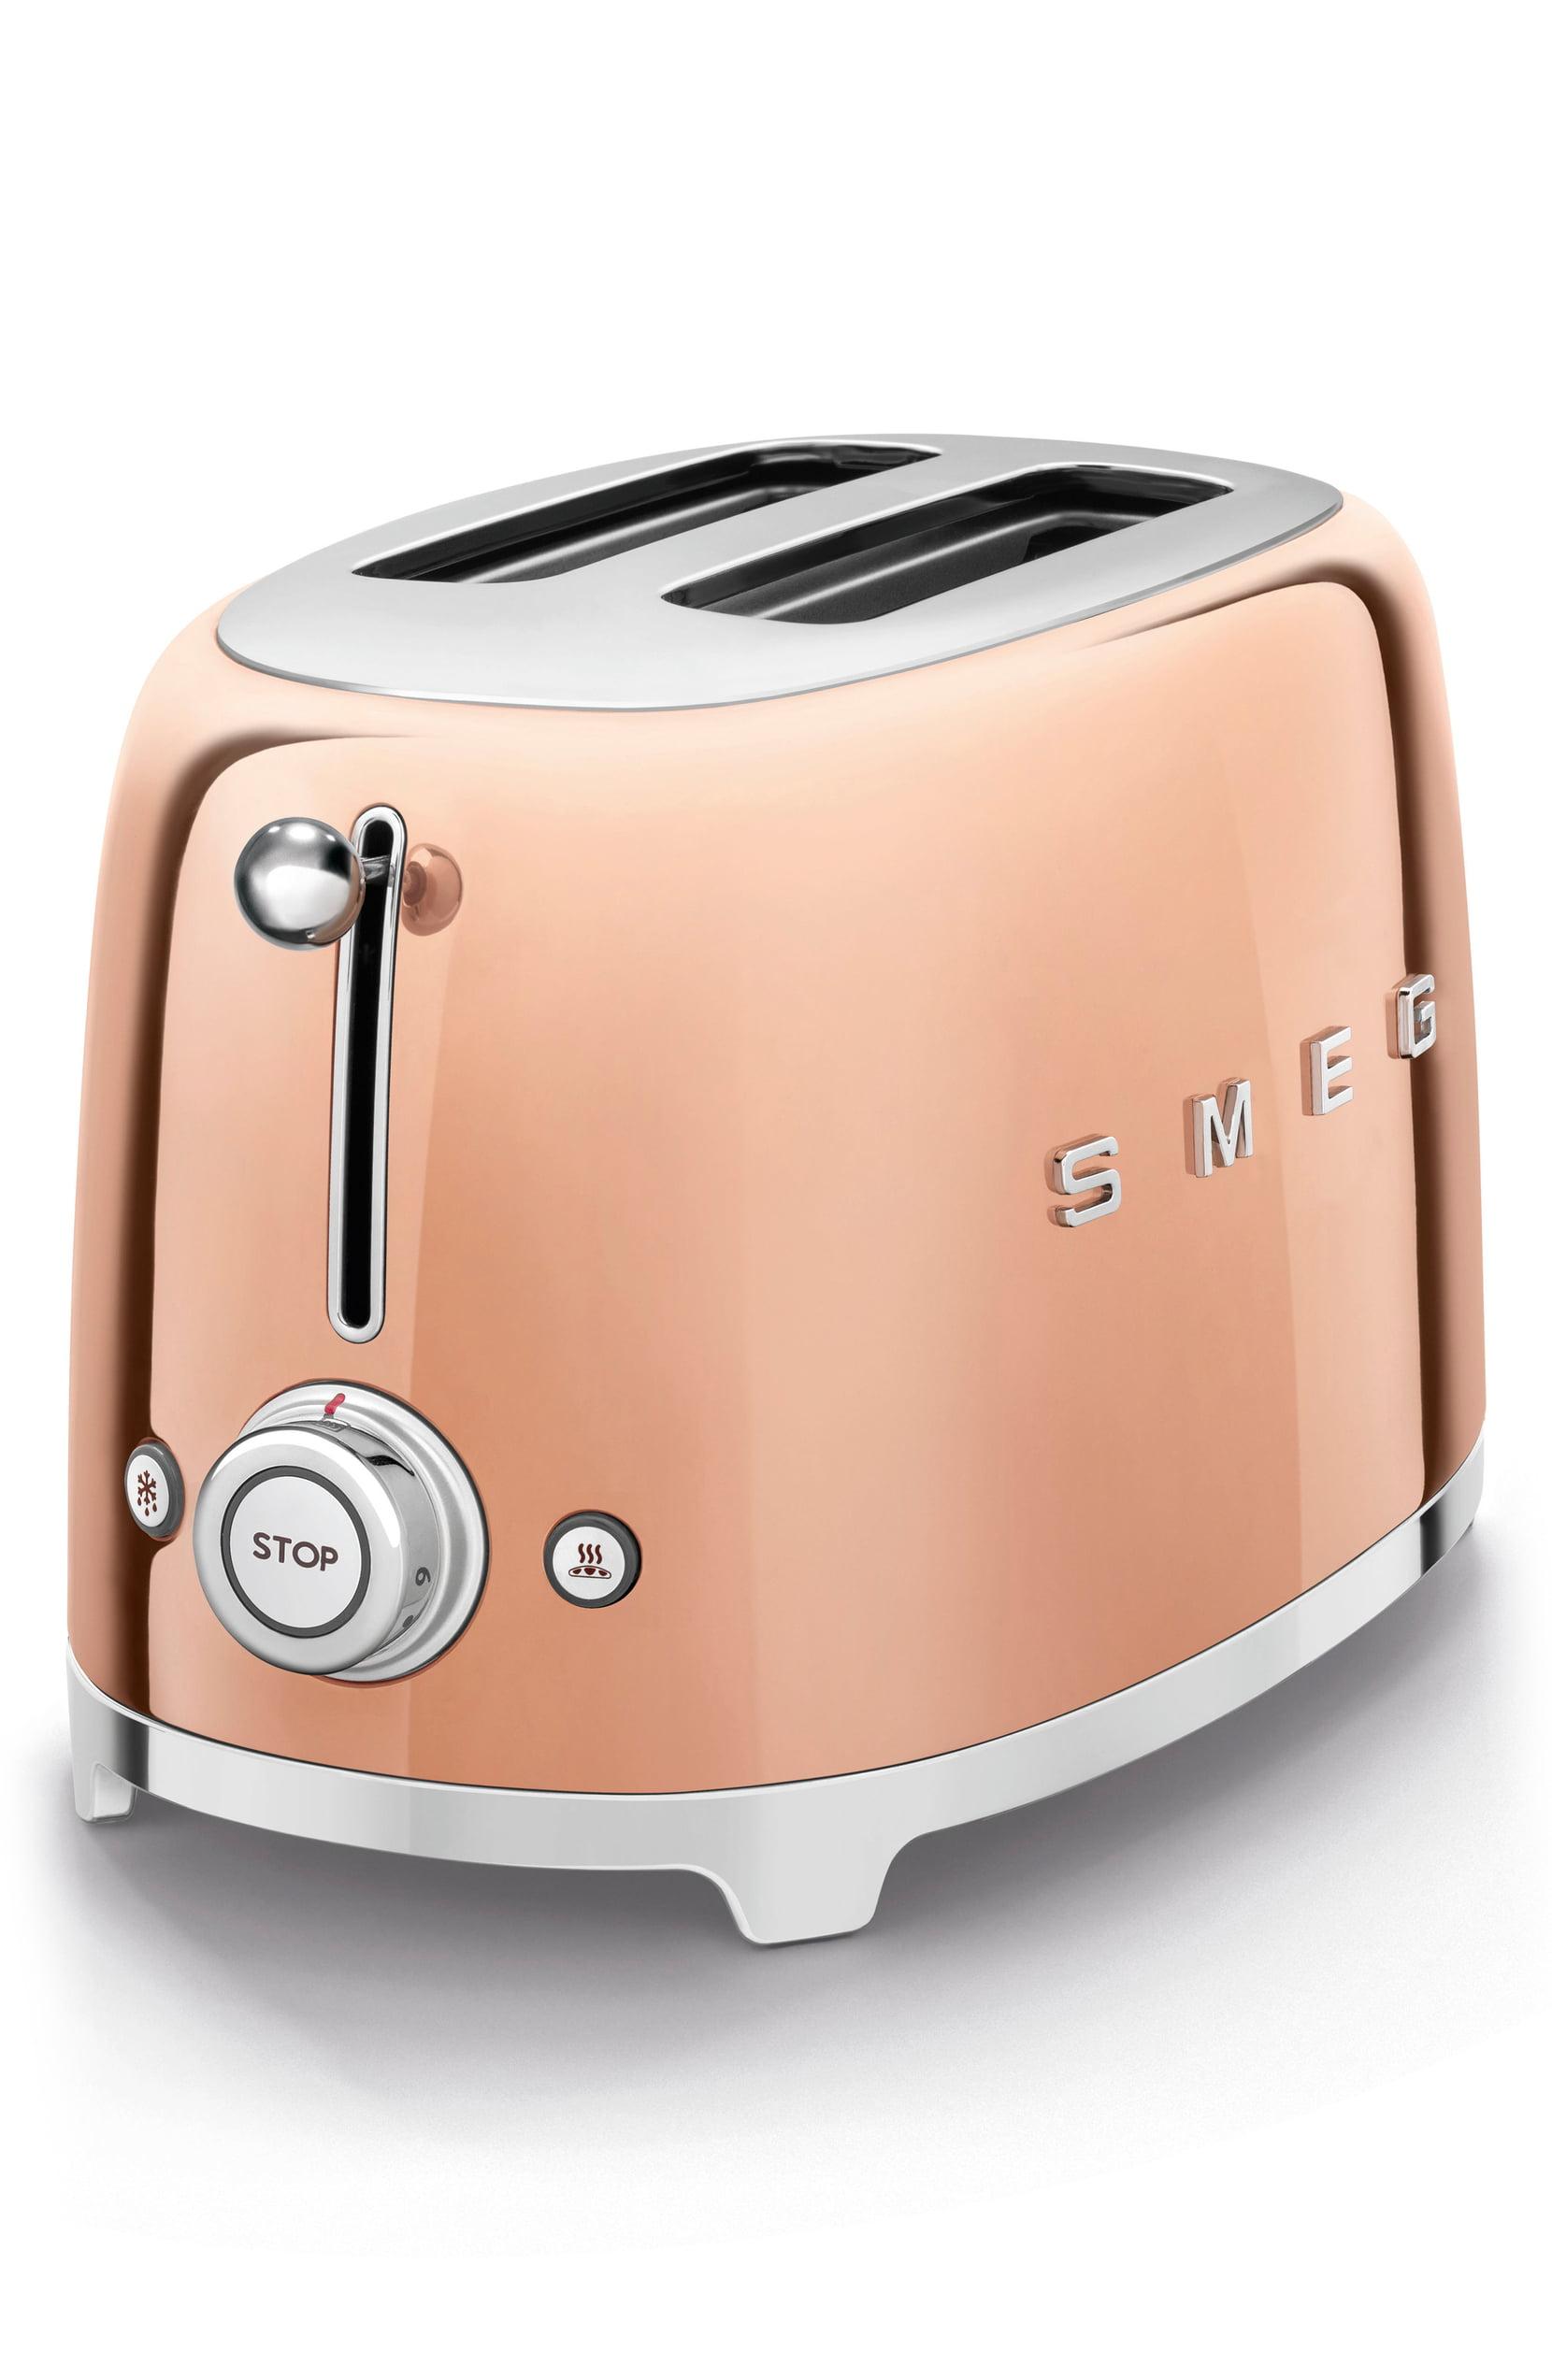 Smeg 50s Retro Style Two-Slice Toaster